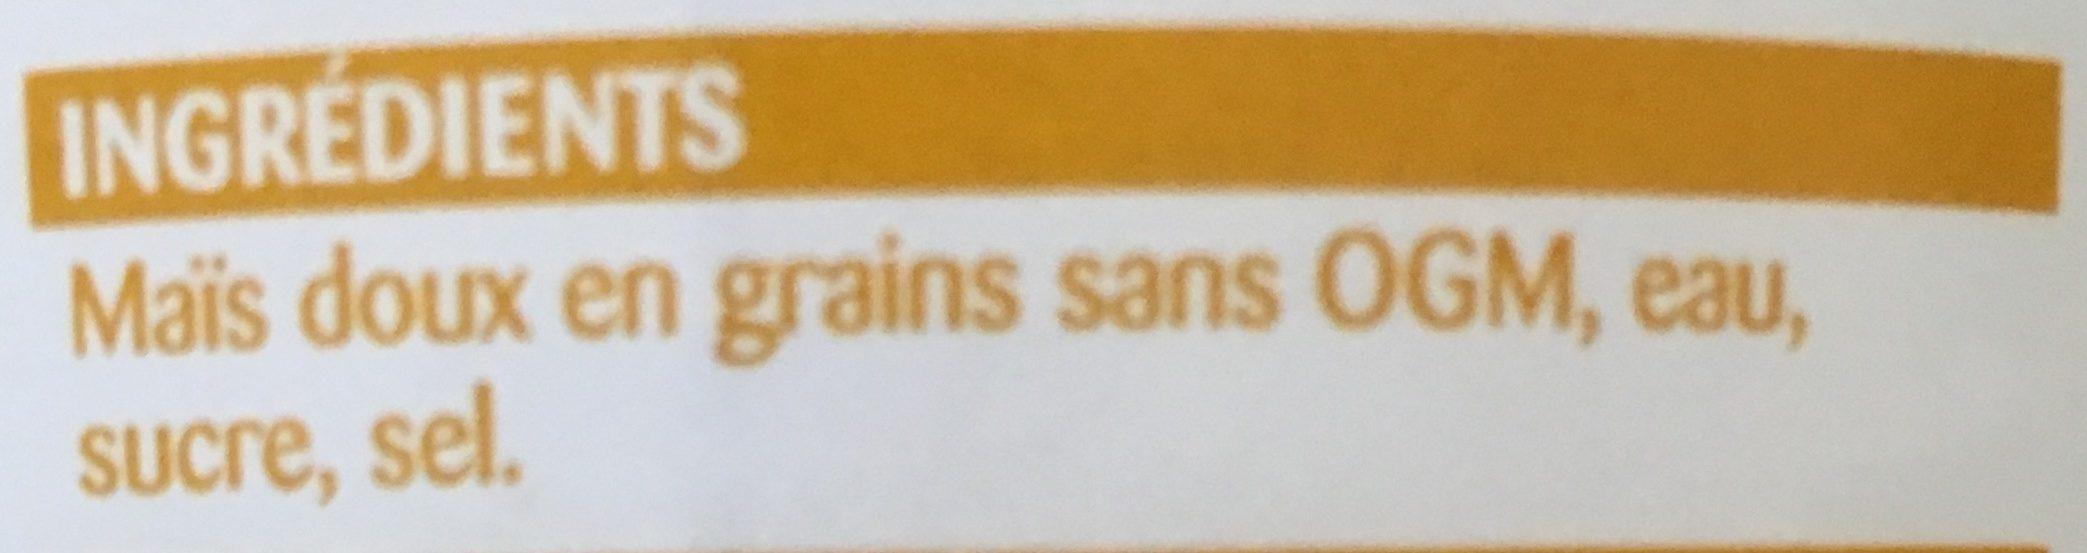 Maïs doux en grains - Ingrédients - fr